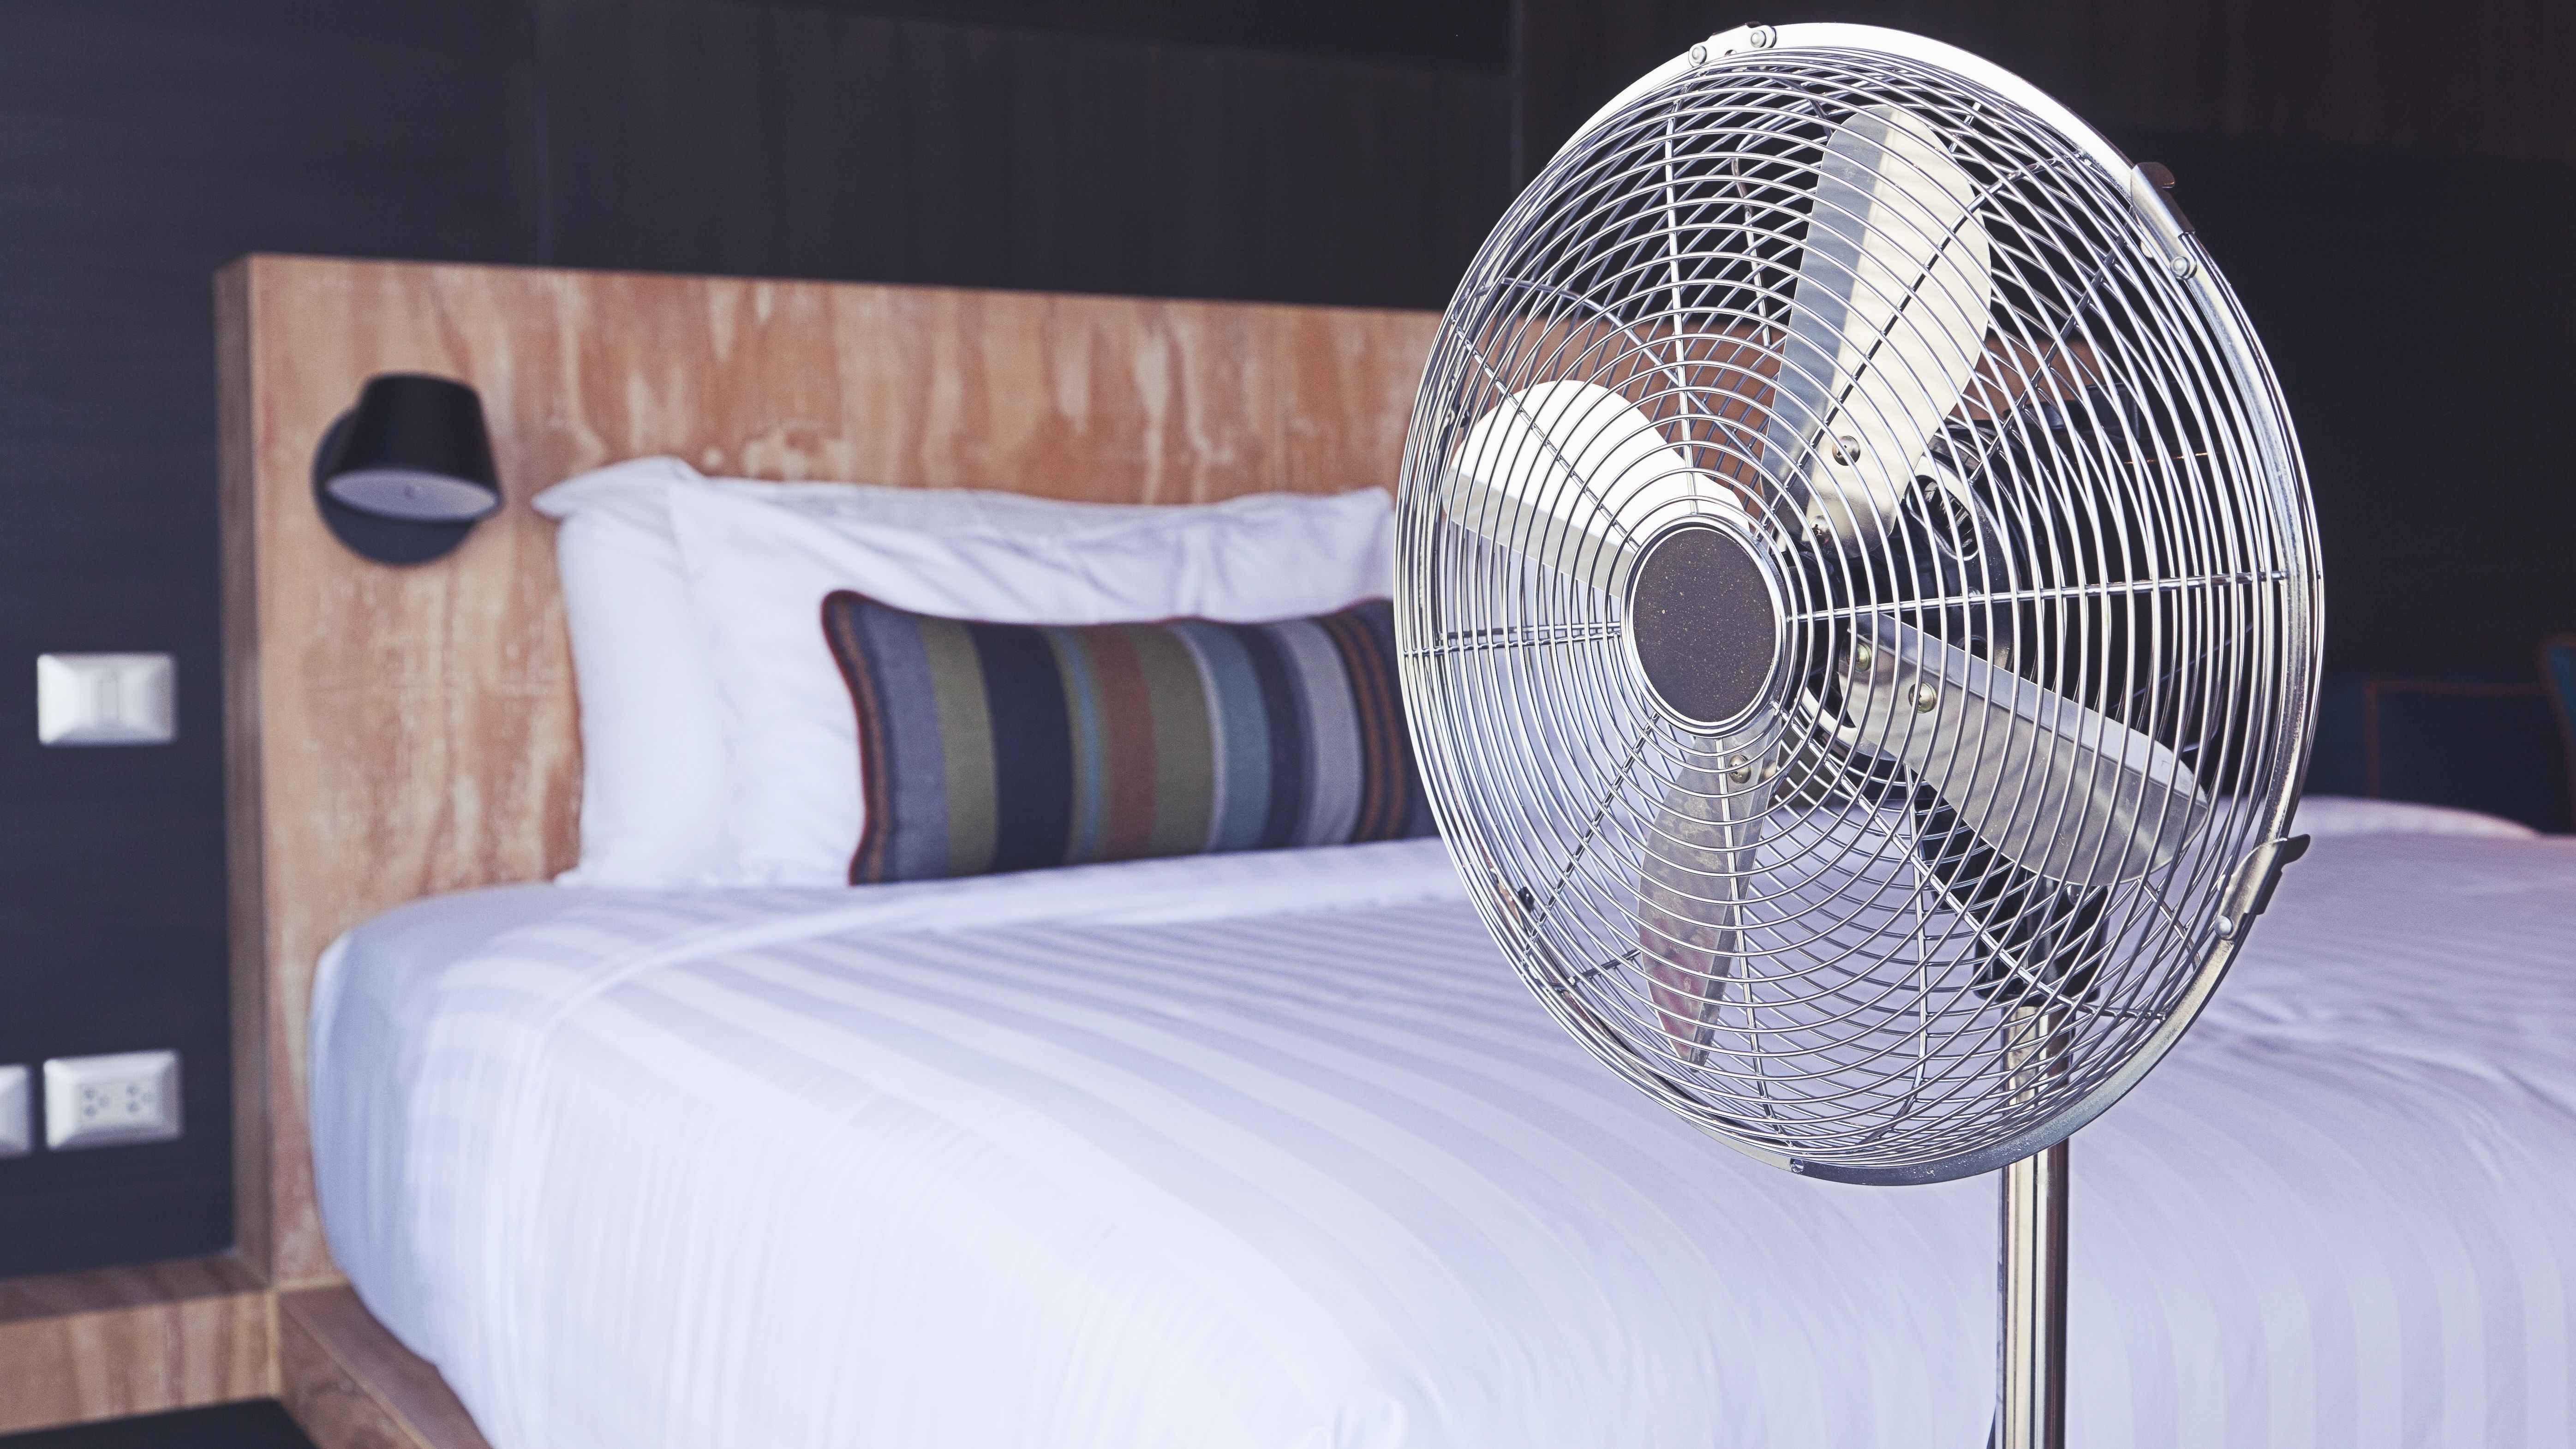 Ventilatore classico o ventilatore a colonna : la scelta migliore per rinfrescare l'ambiente